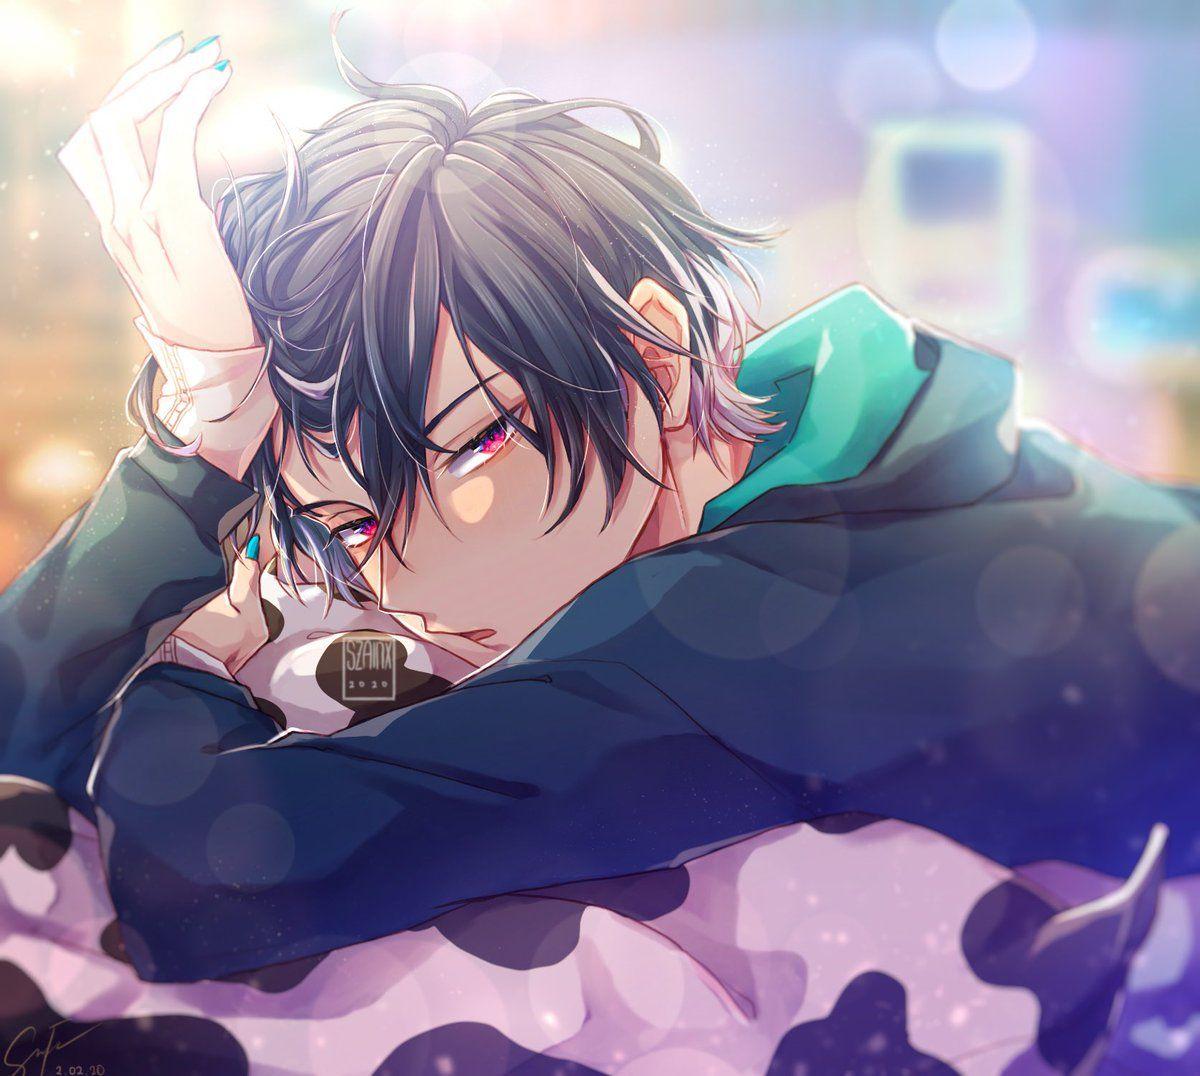 Zan Break Cuz Of School W On Twitter In 2020 Obey Anime Guys Cute Anime Guys